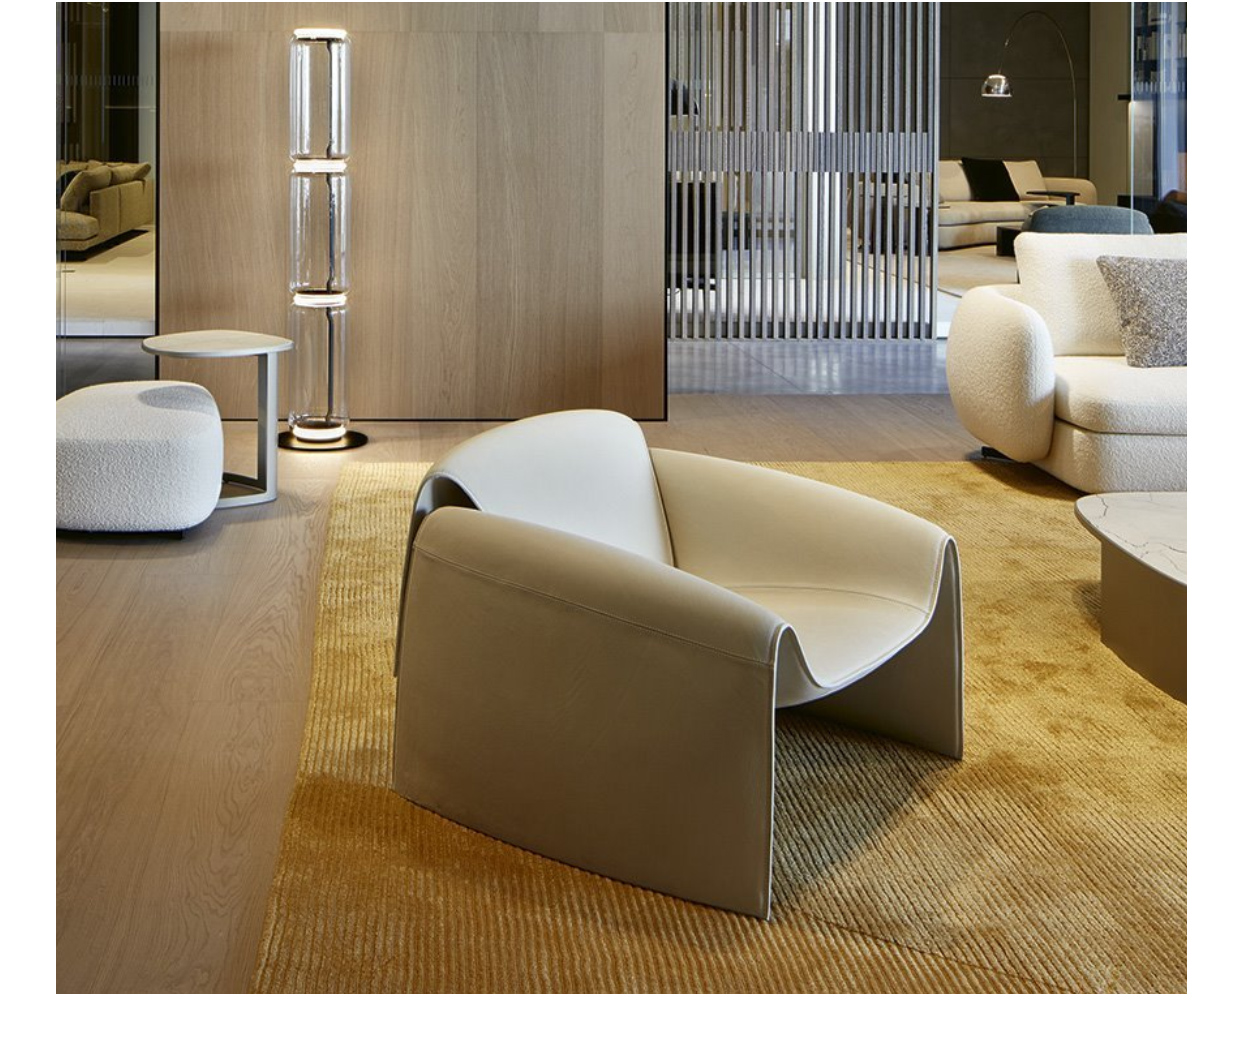 意大利品质家具 Poliform  LE CLUB 沙发椅 异形玻璃钢内架椅 Designer by Jean-Marie Massaud